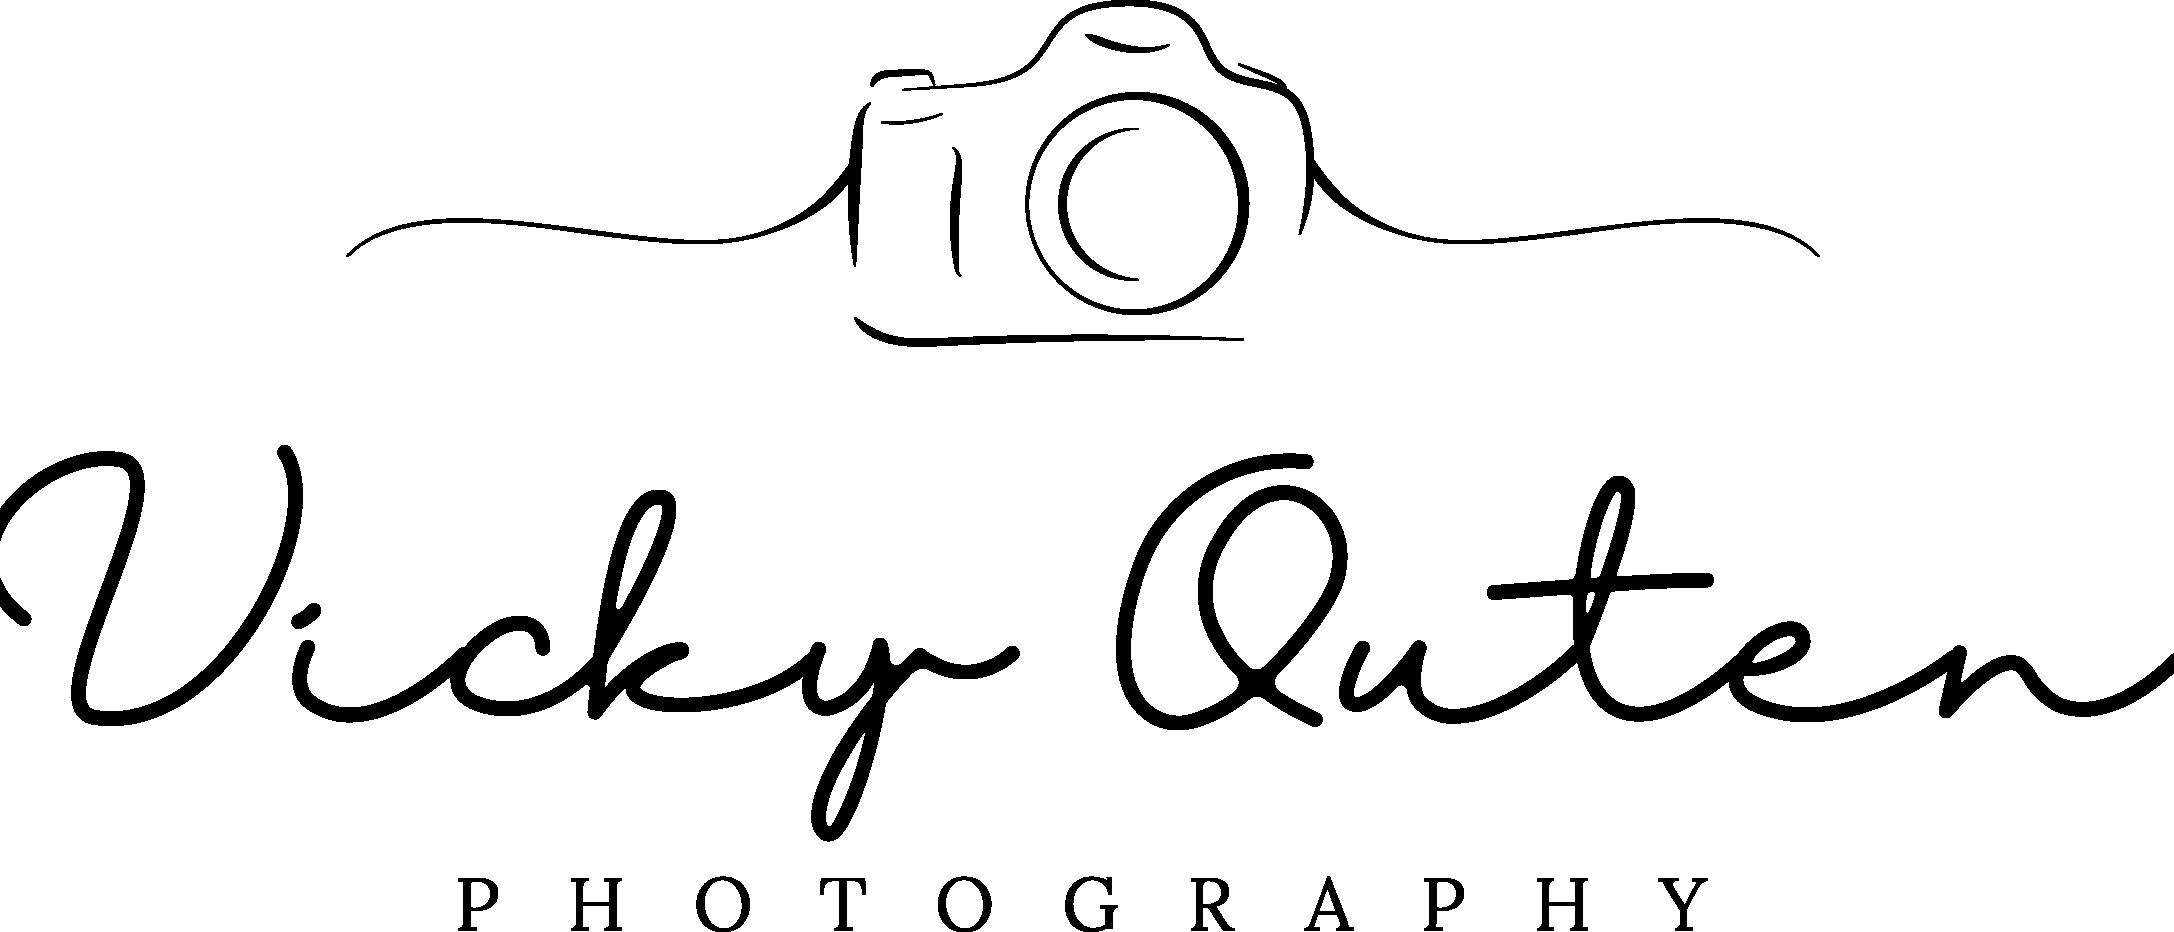 Vicky Outen